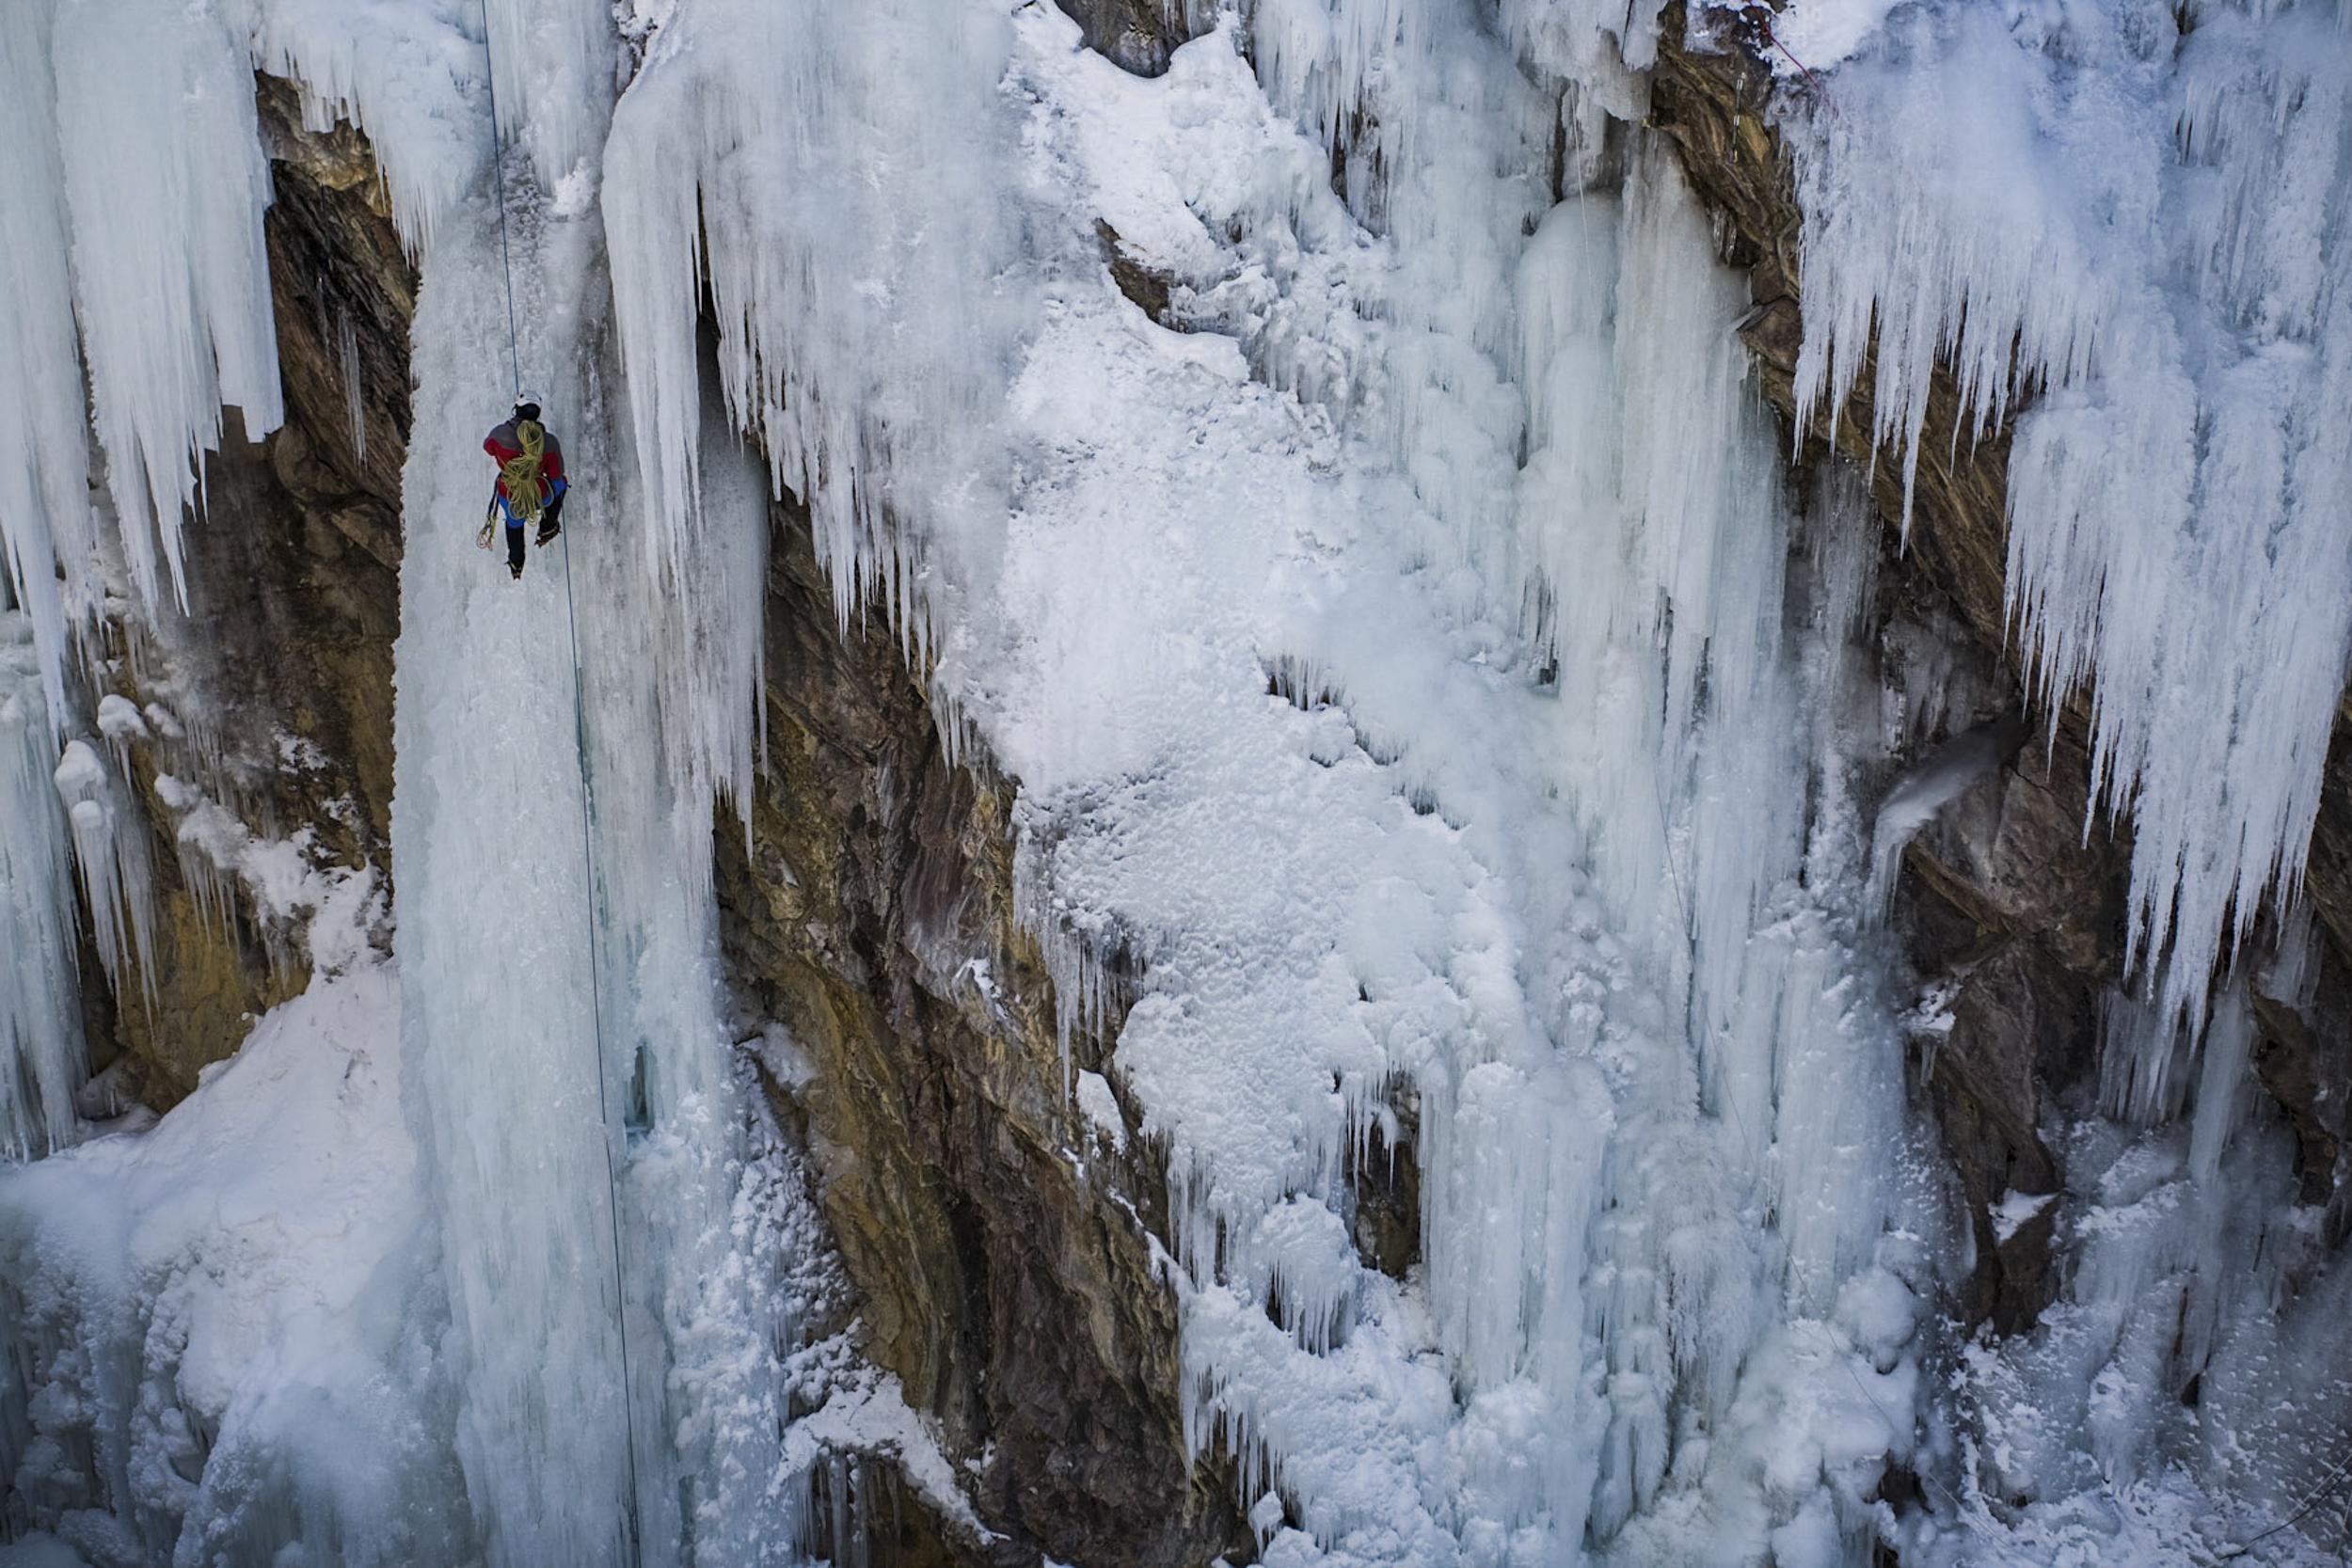 Climber repelling into a canyon Ouray, Colorado